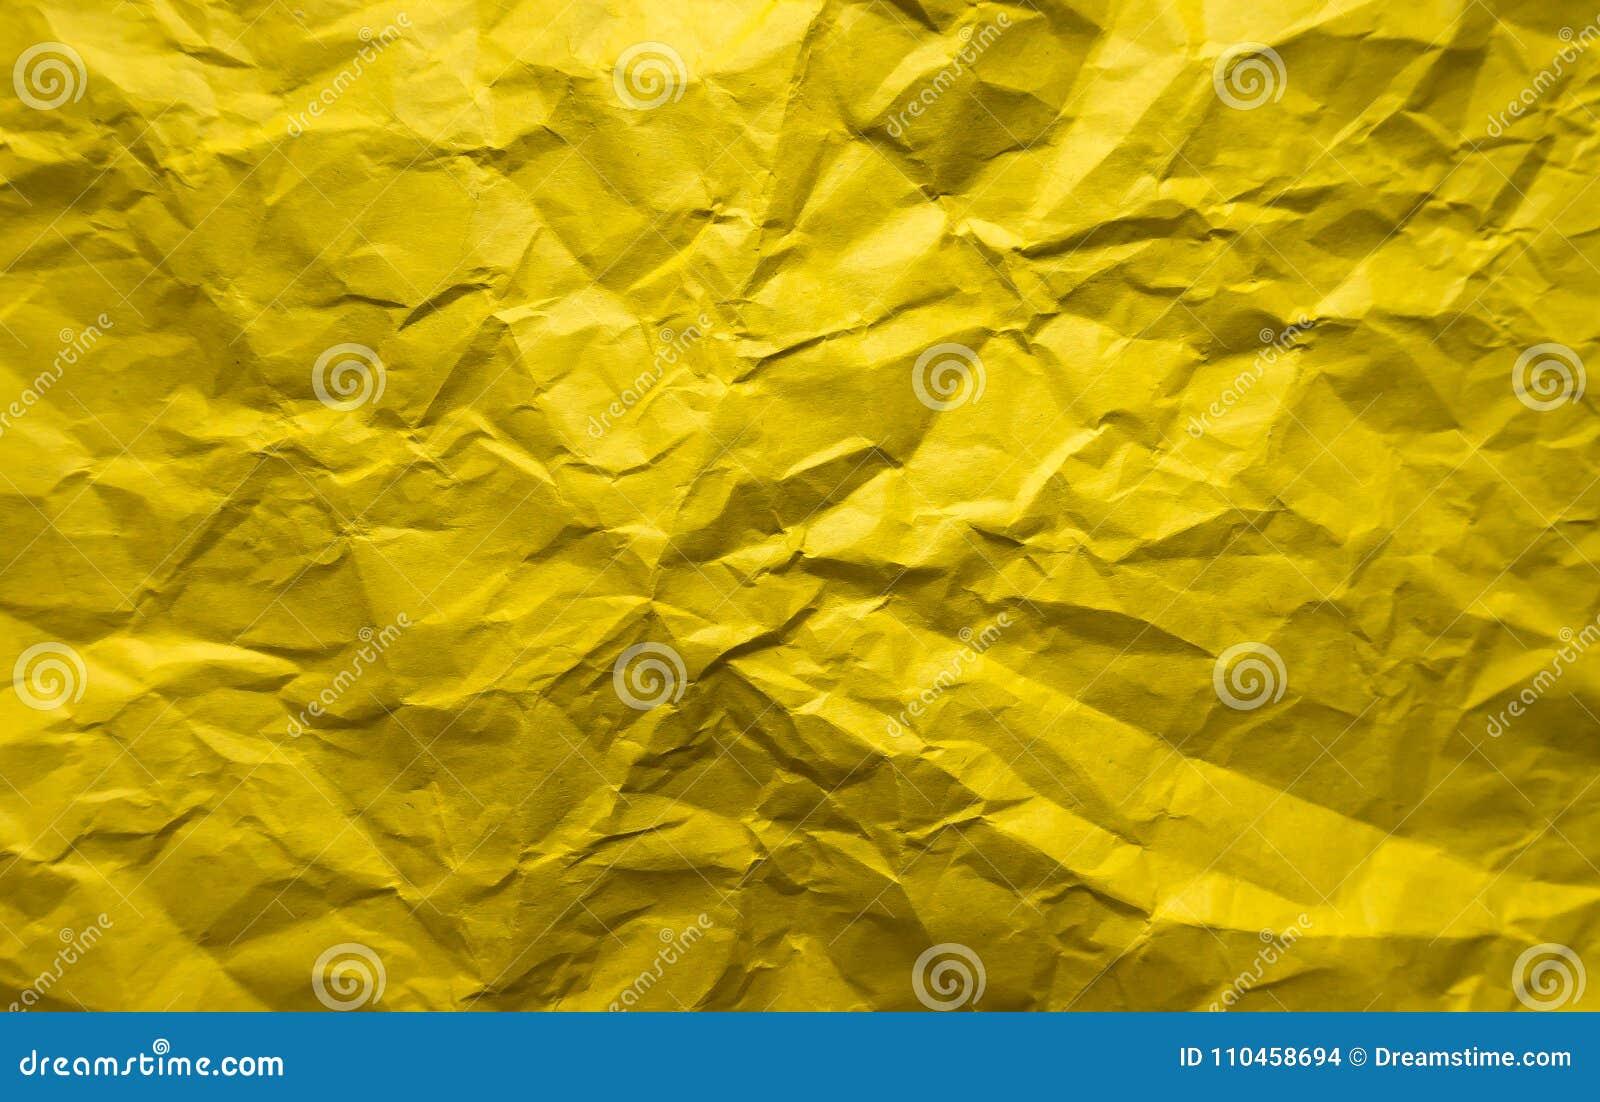 Bakgrund Skrynkligt gult ark av papper